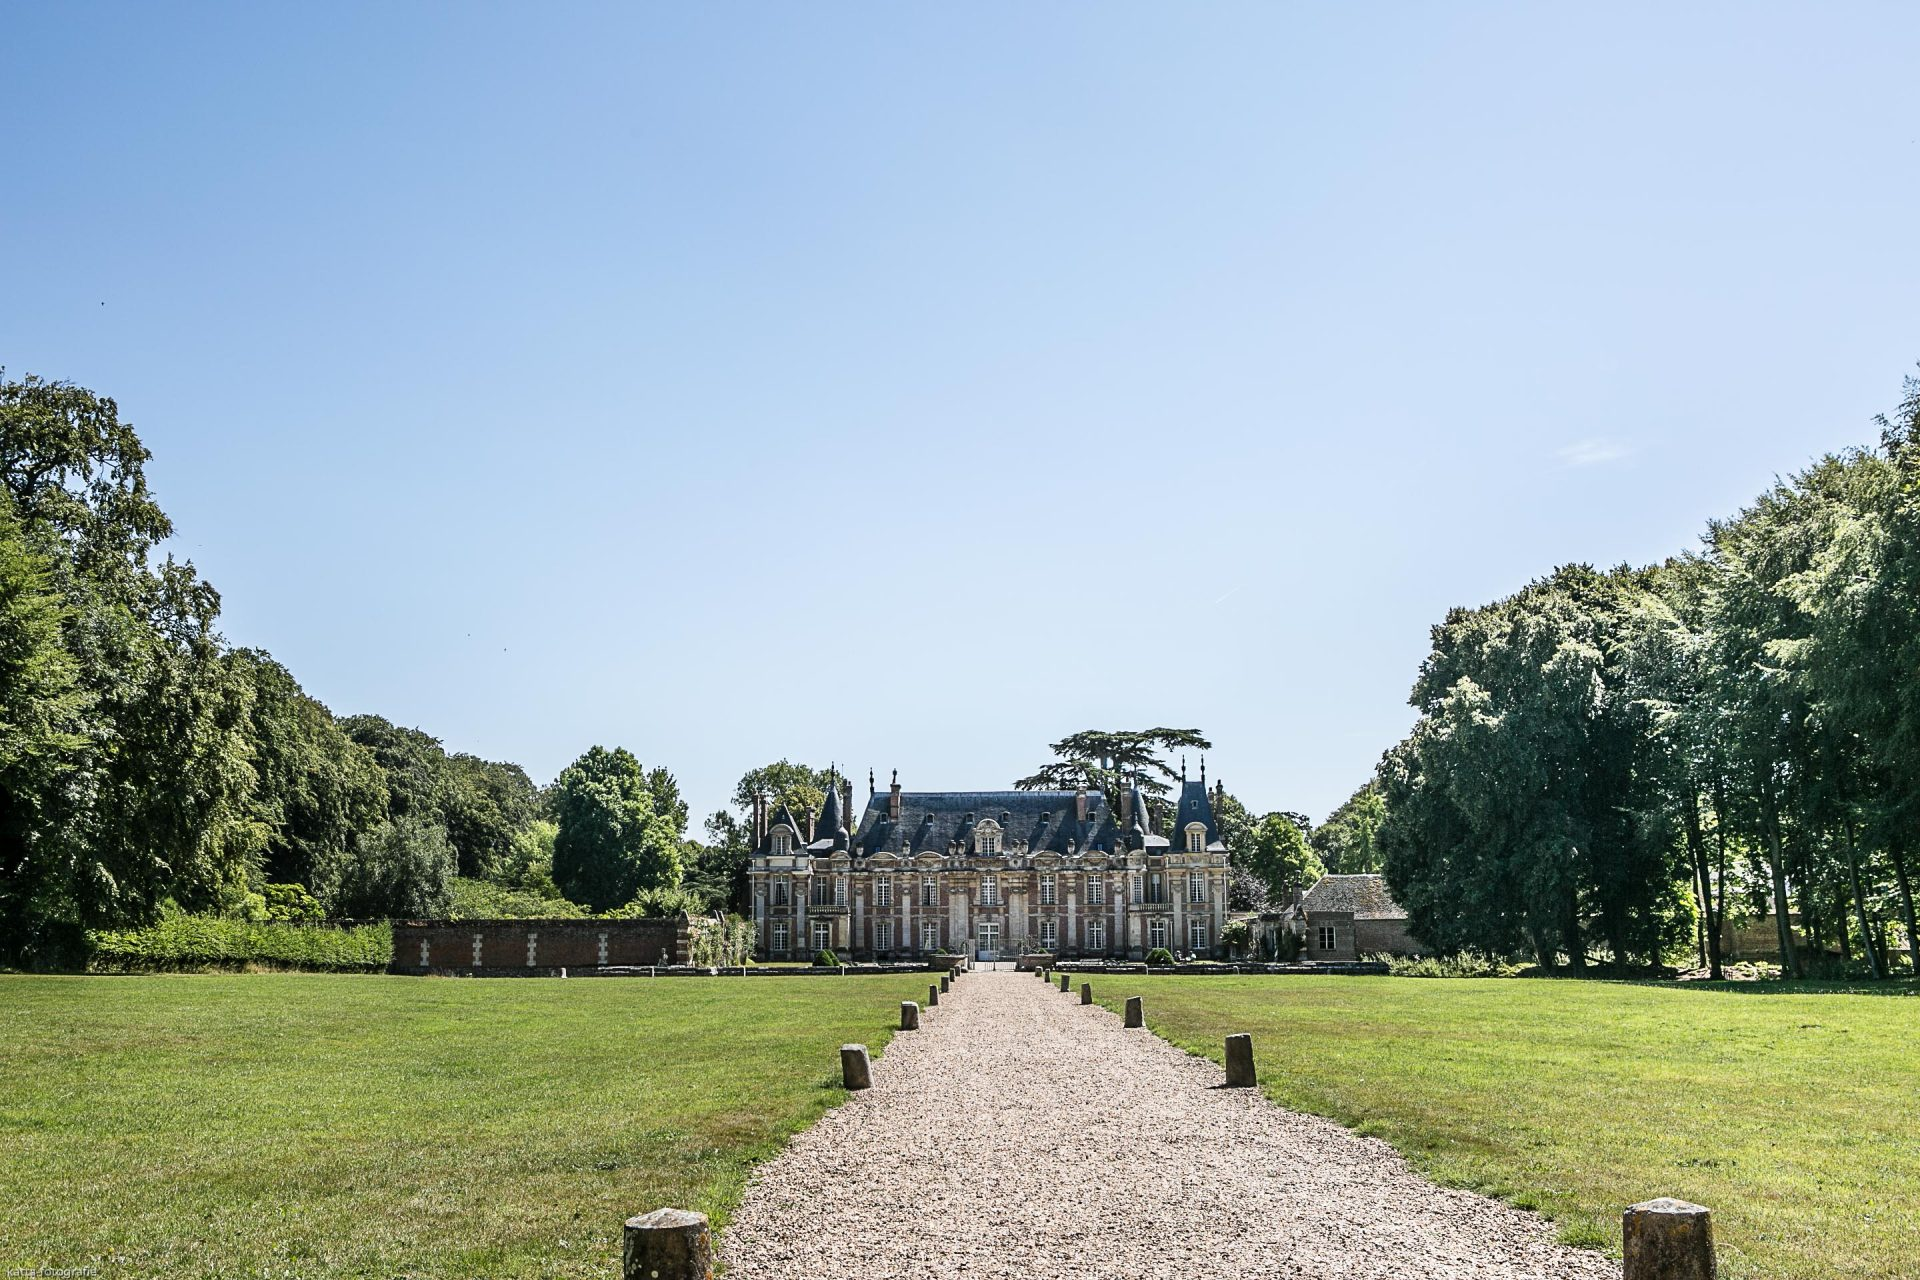 Von Taubenhäusern, Schlössern und Gärten | Normandie